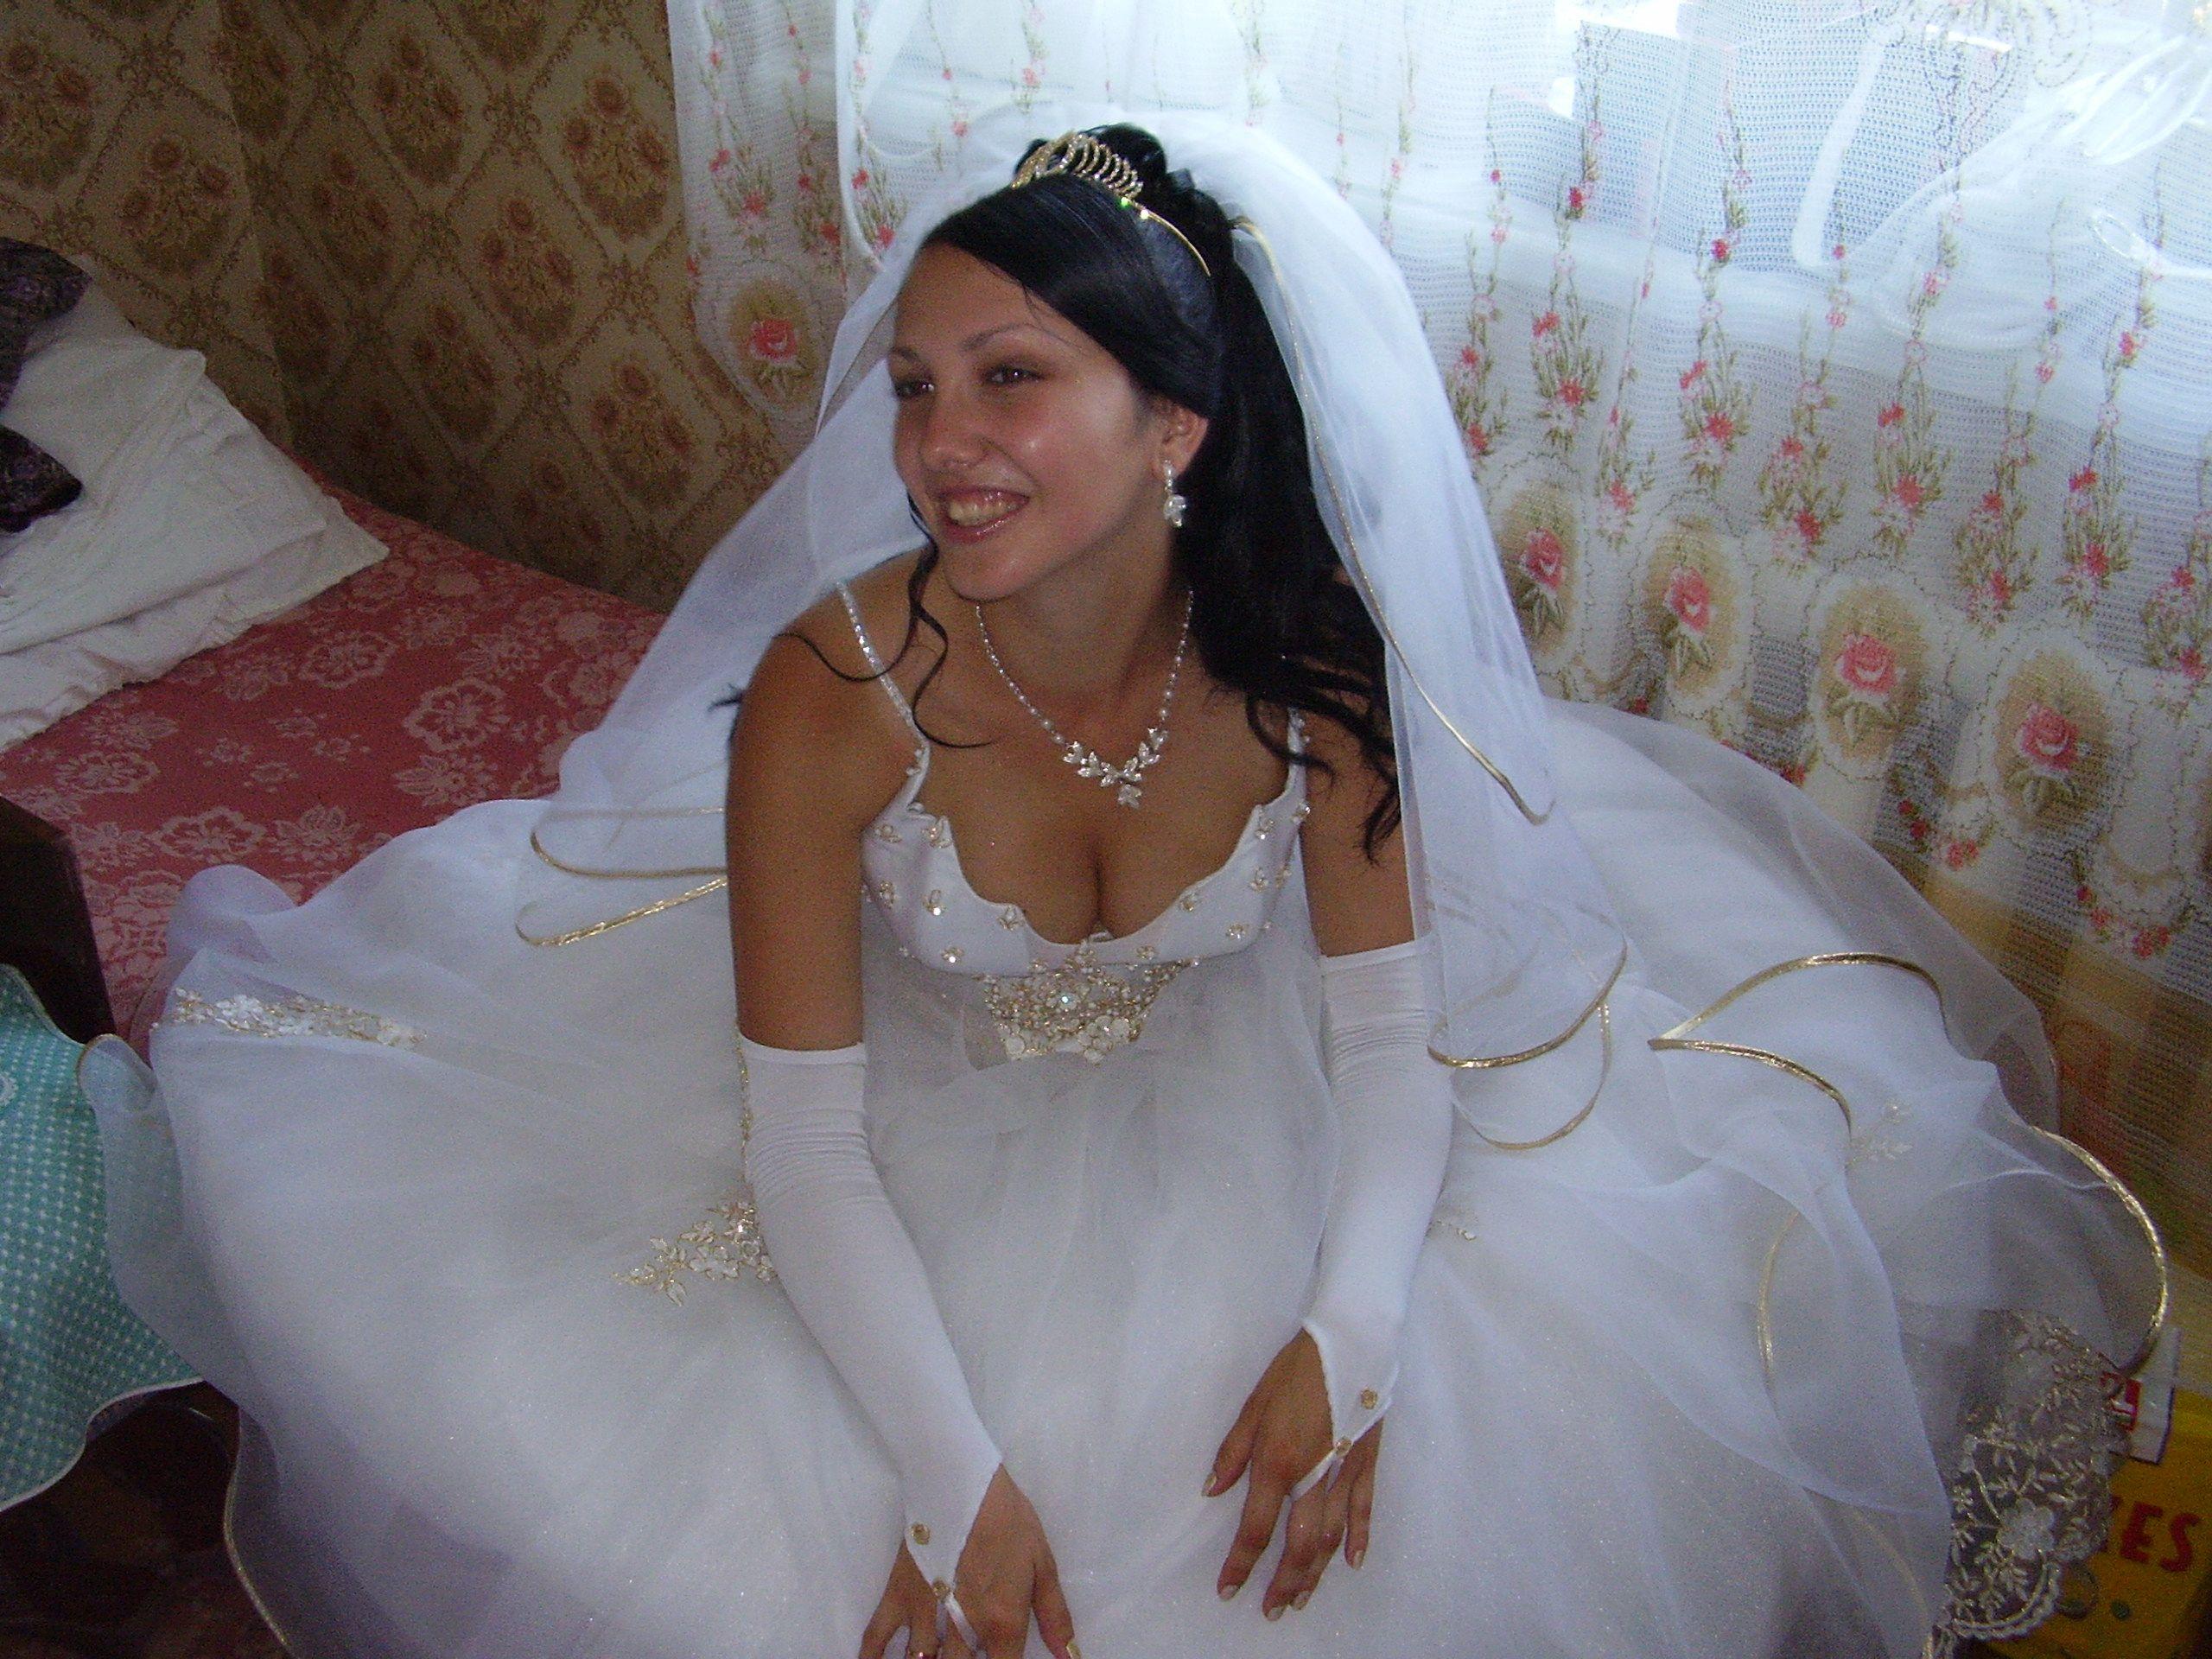 Секс на свадьбе со свидетельницей 8 фотография